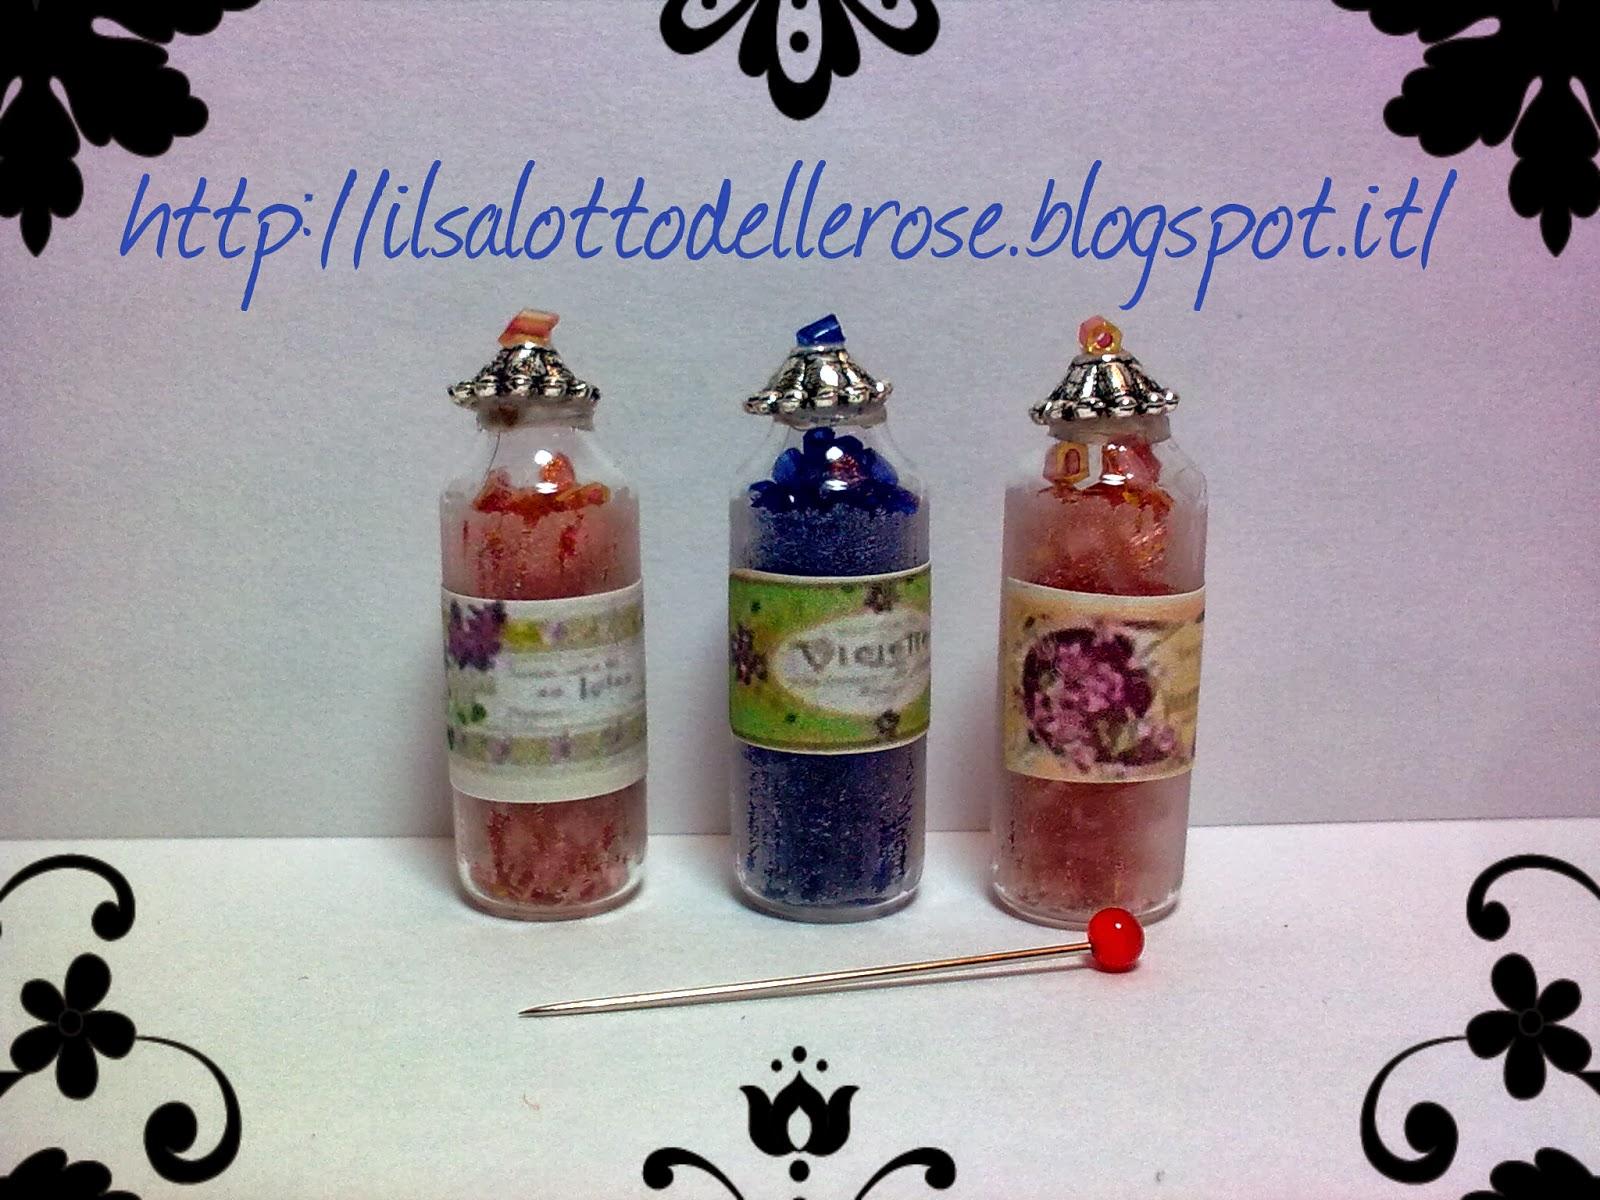 Il salotto delle rose sali da bagno profumi e relax - Droga dei sali da bagno ...